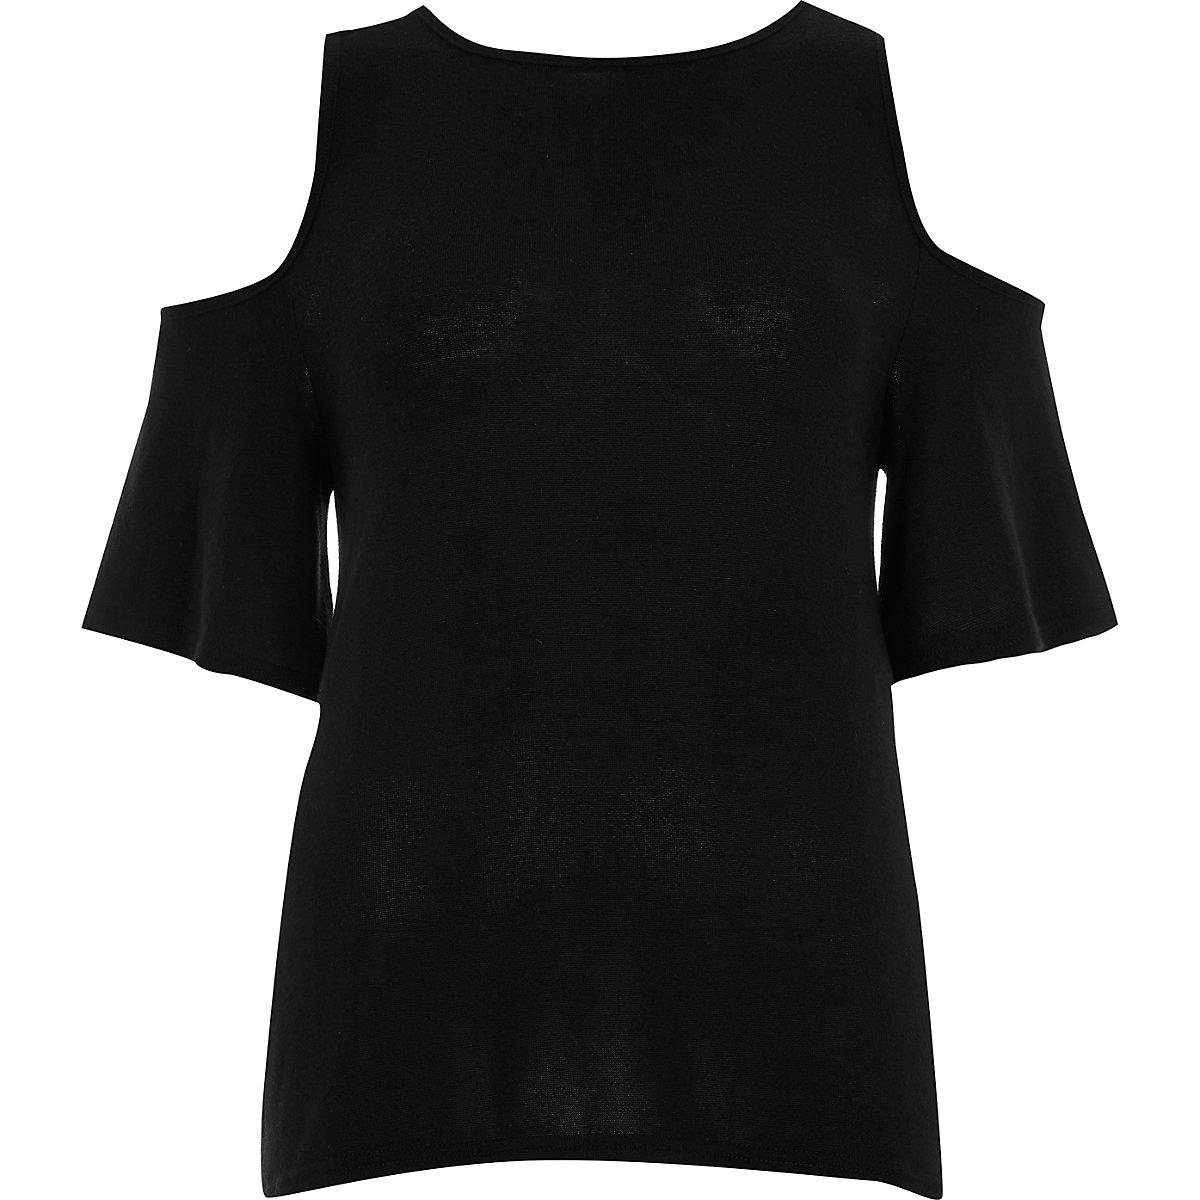 Zwarte schouderloze top met overslag op de rug